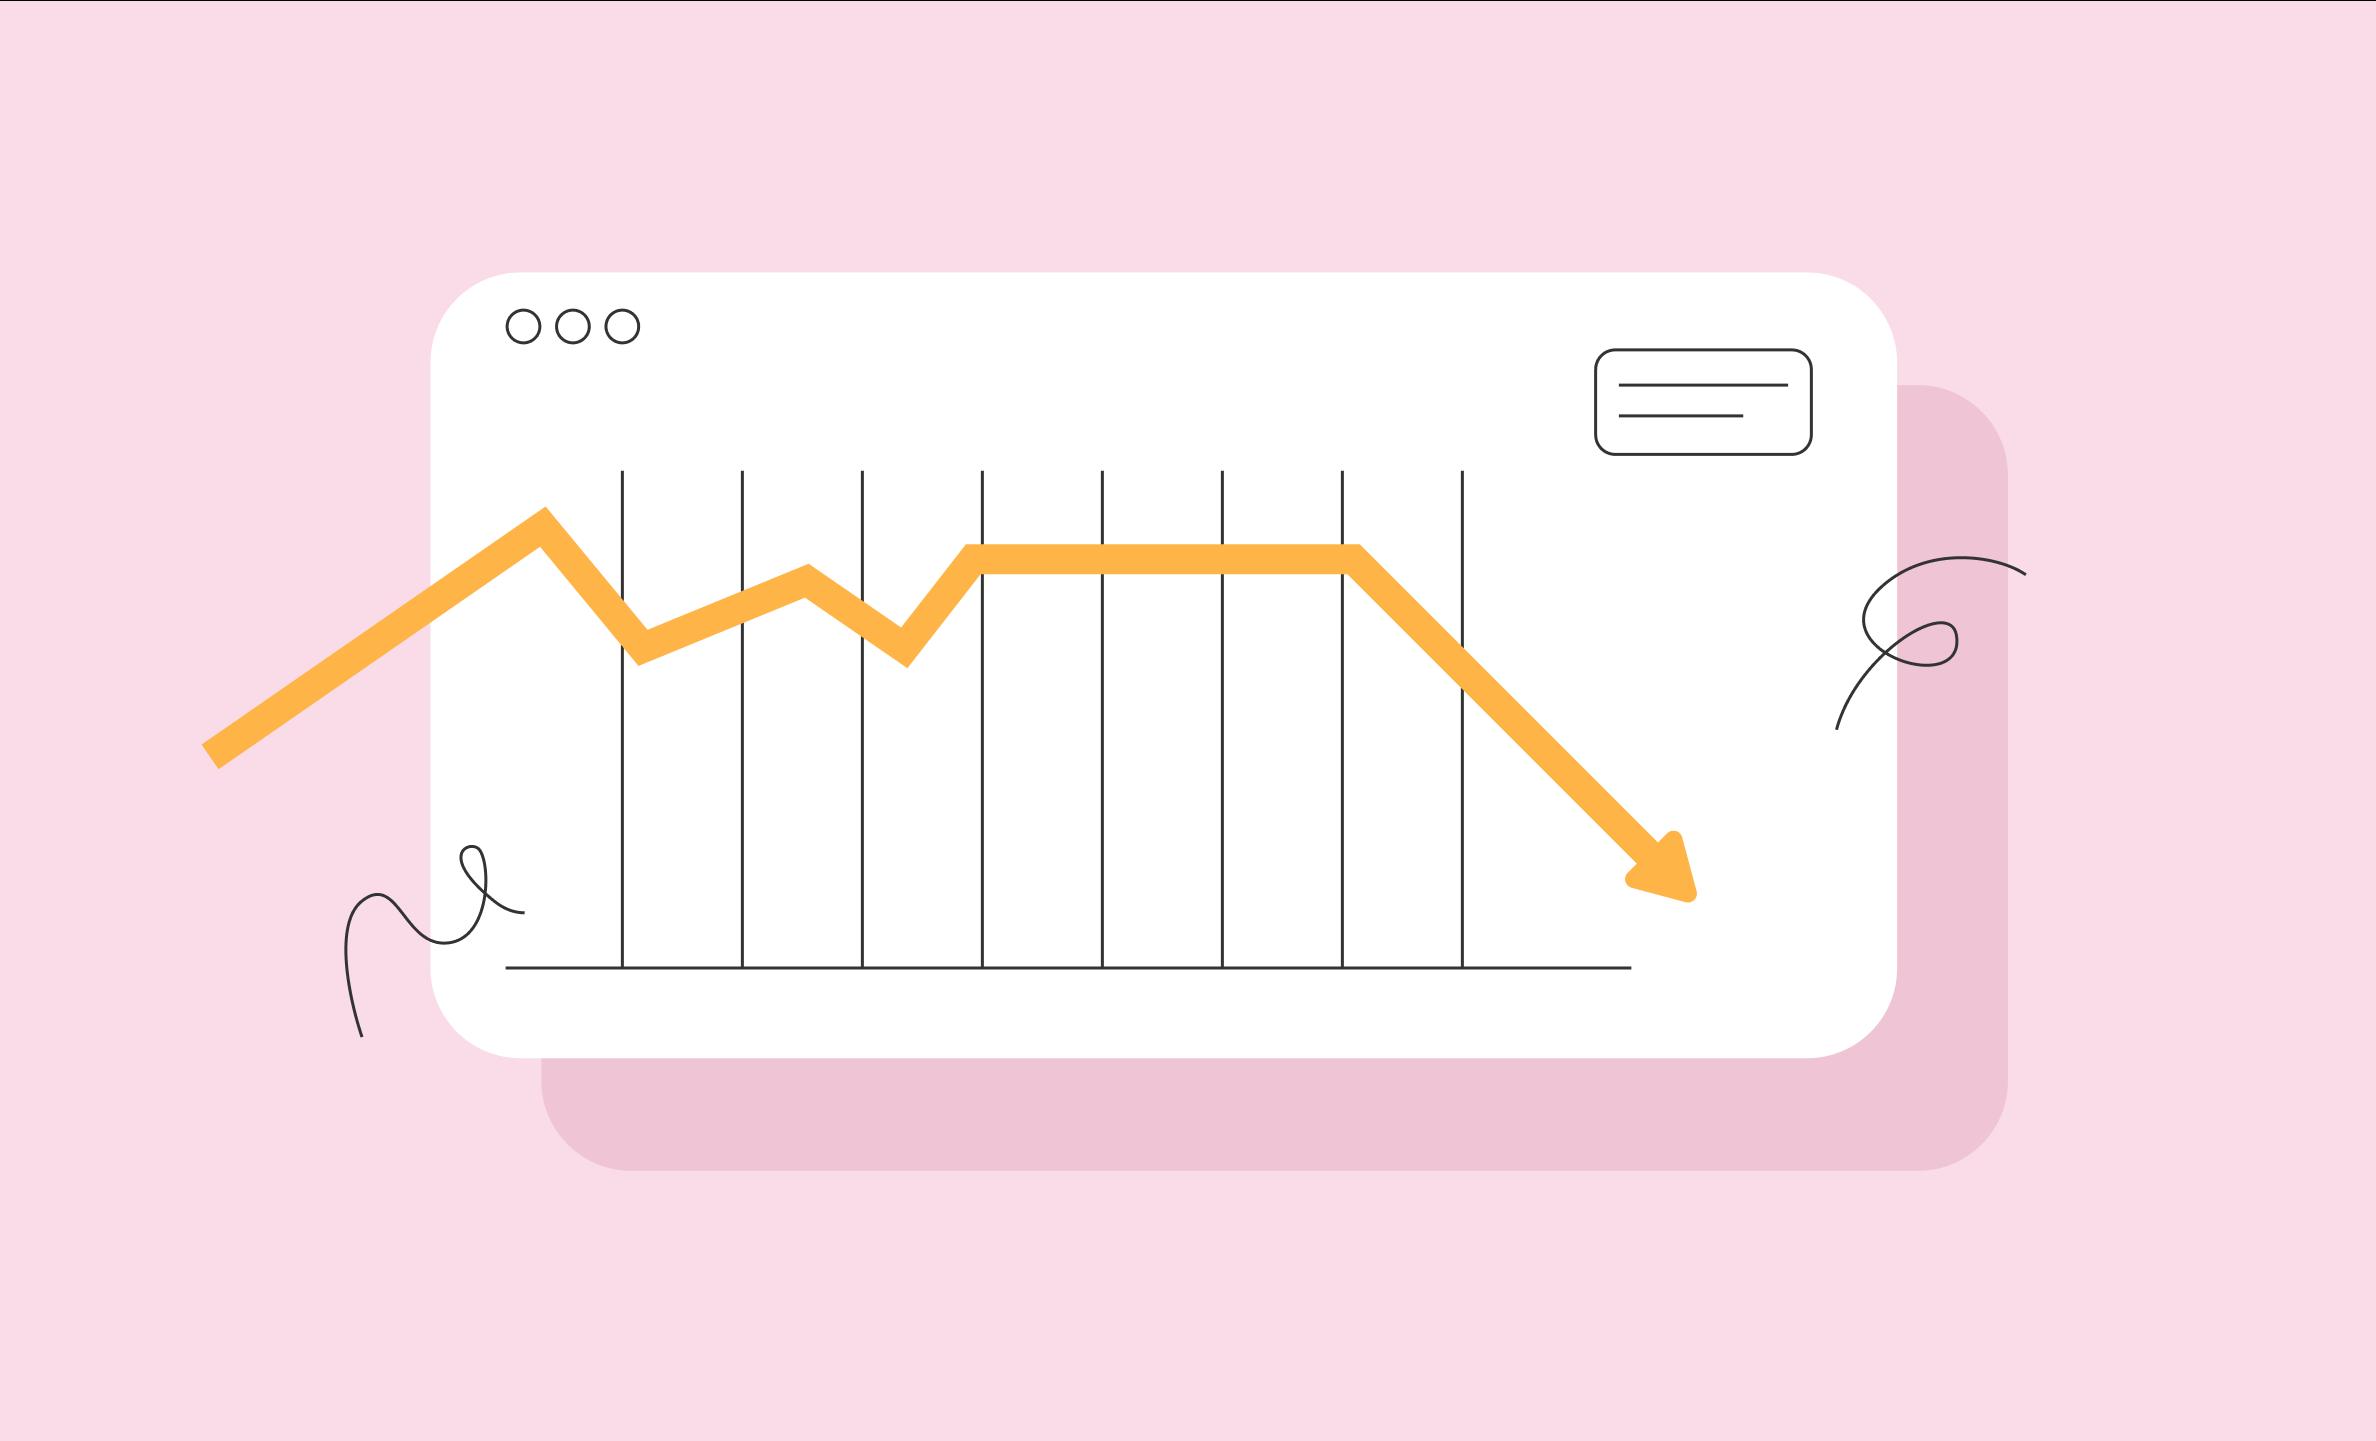 стоимость дизайна приложения